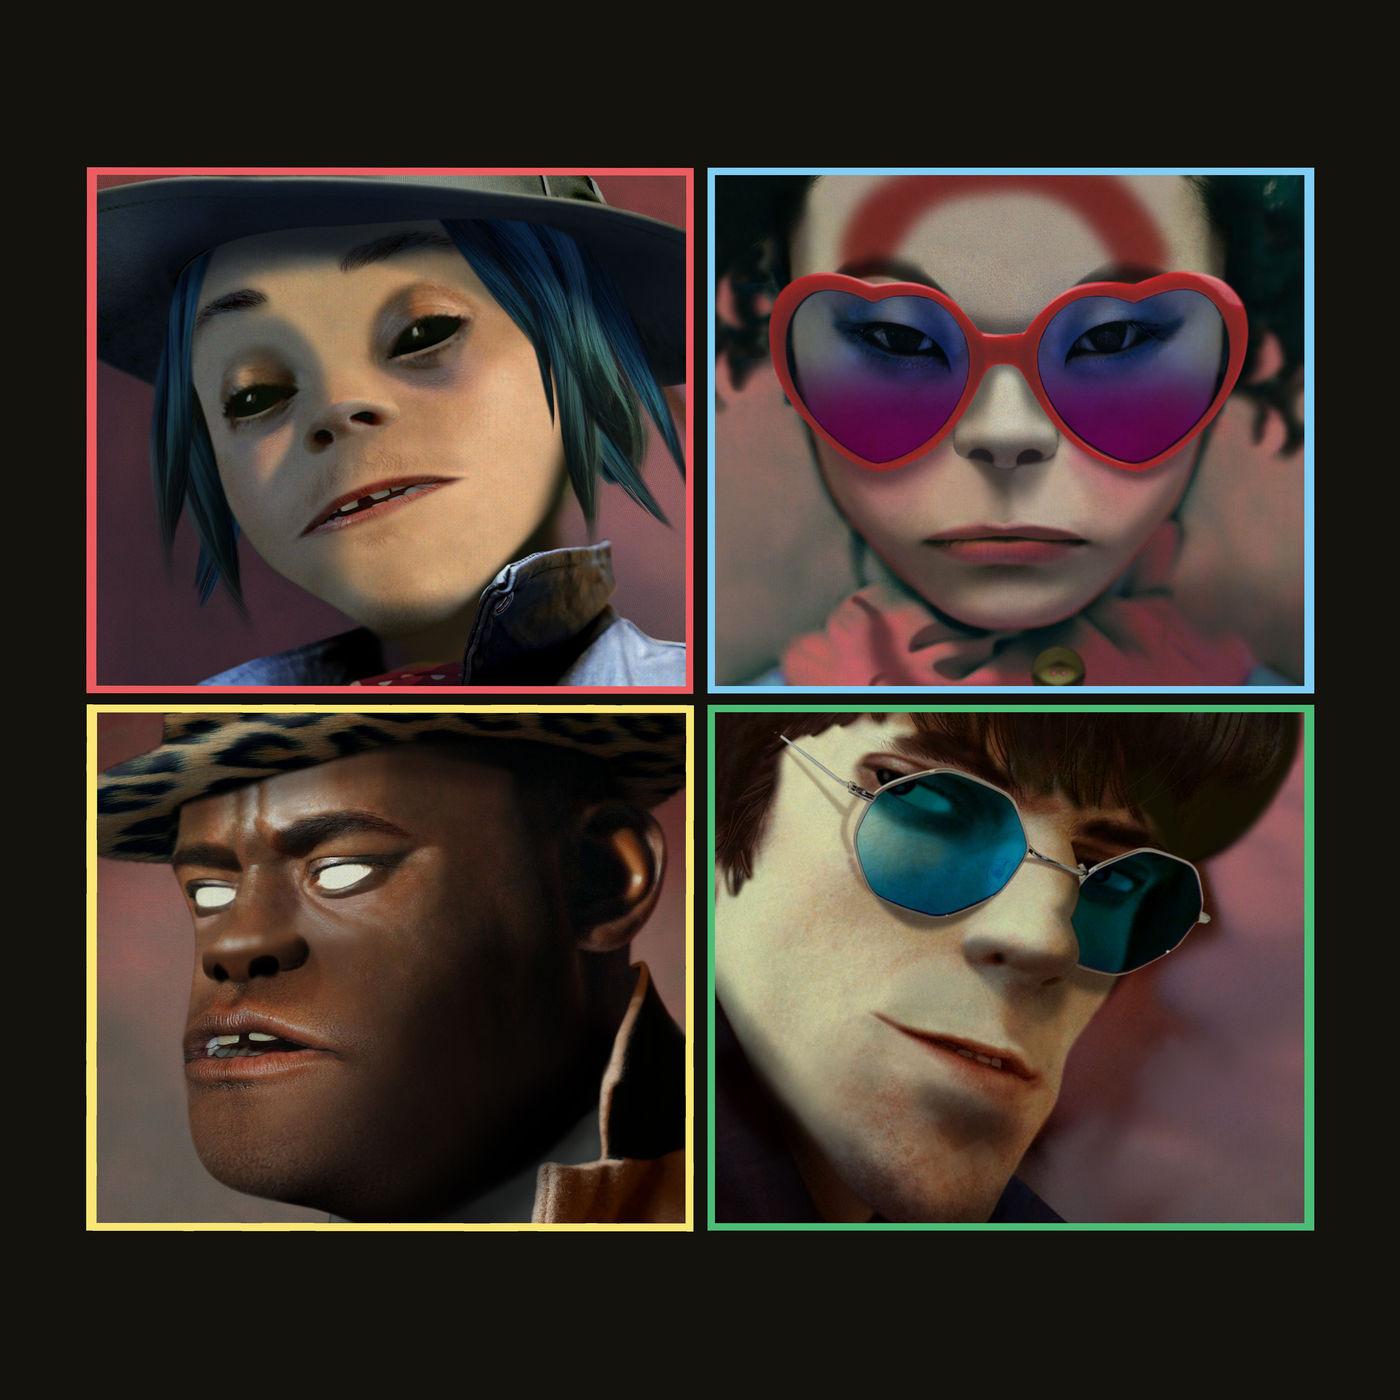 Gorillaz - Let Me Out (feat. Mavis Staples & Pusha T) - Single Cover